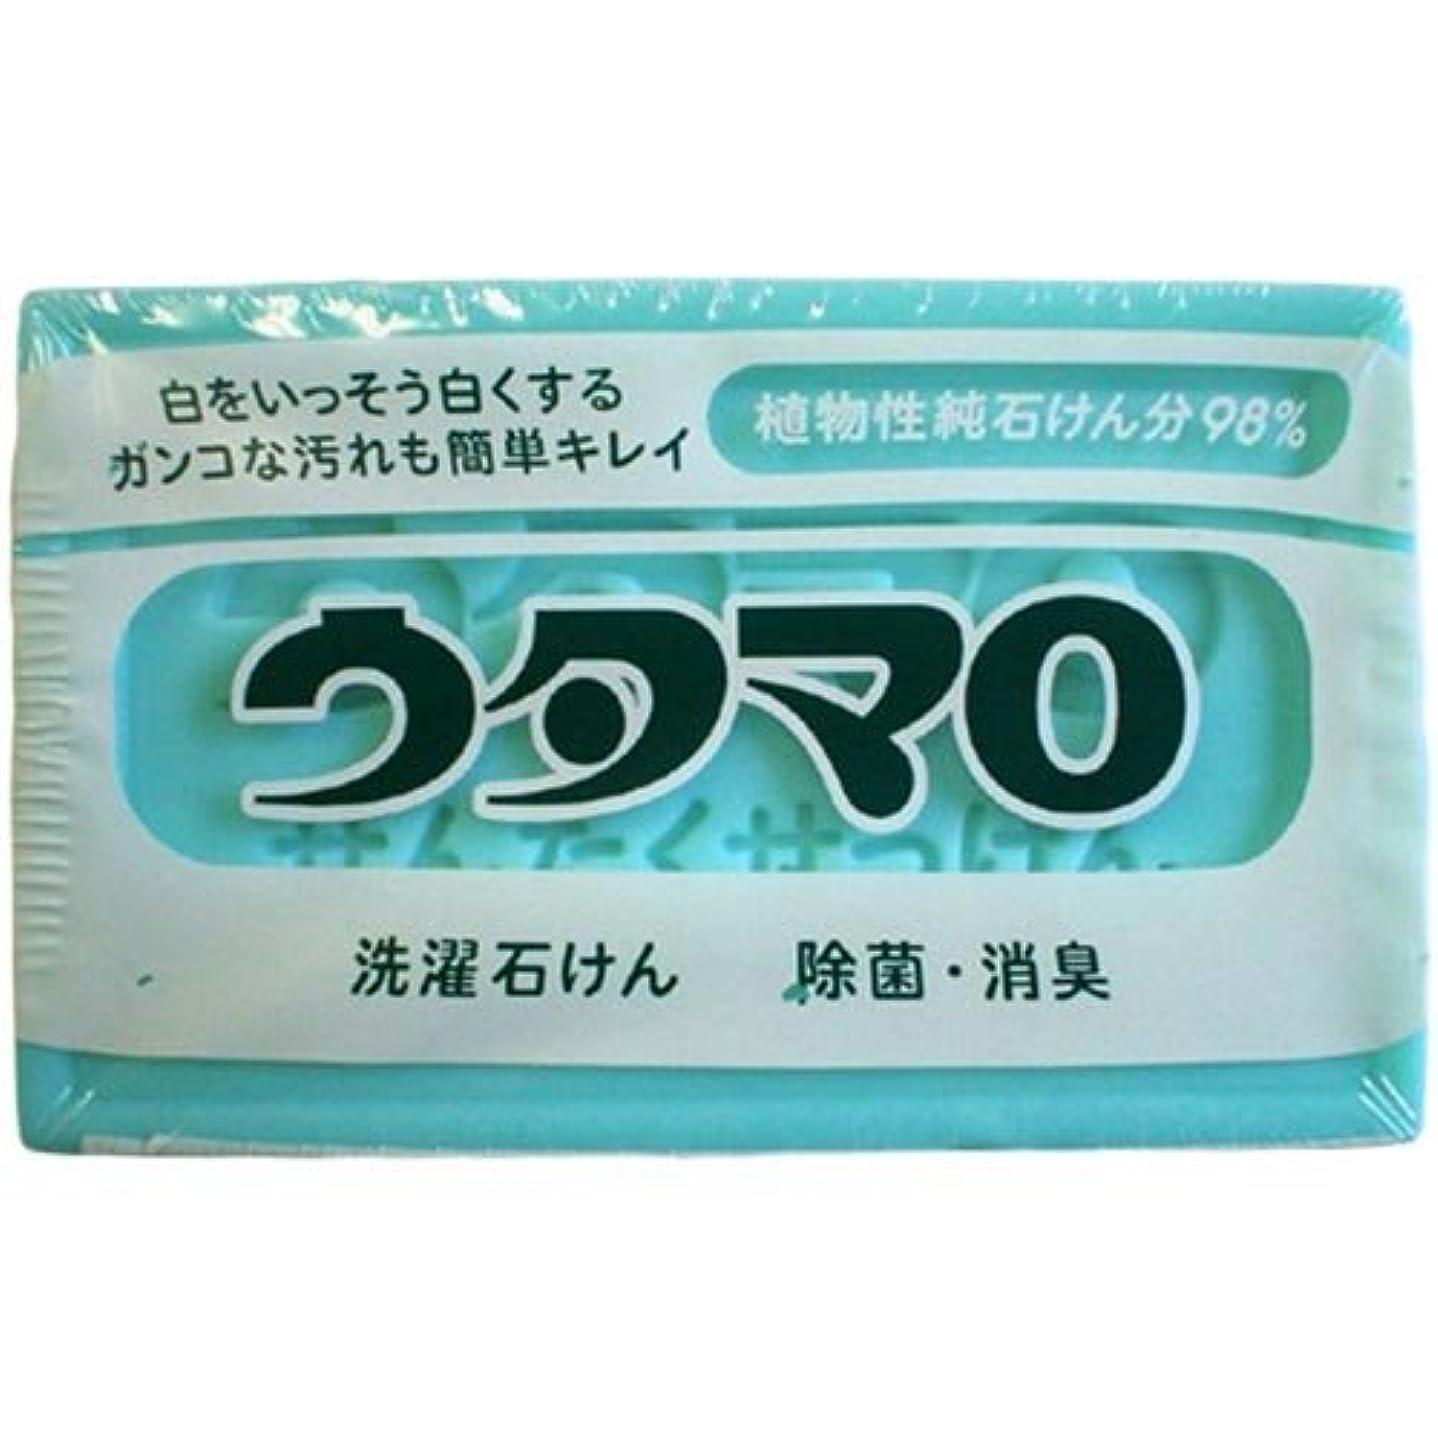 すずめマウンド十代東邦 ウタマロ マホー石鹸 3個セット TO-SE3